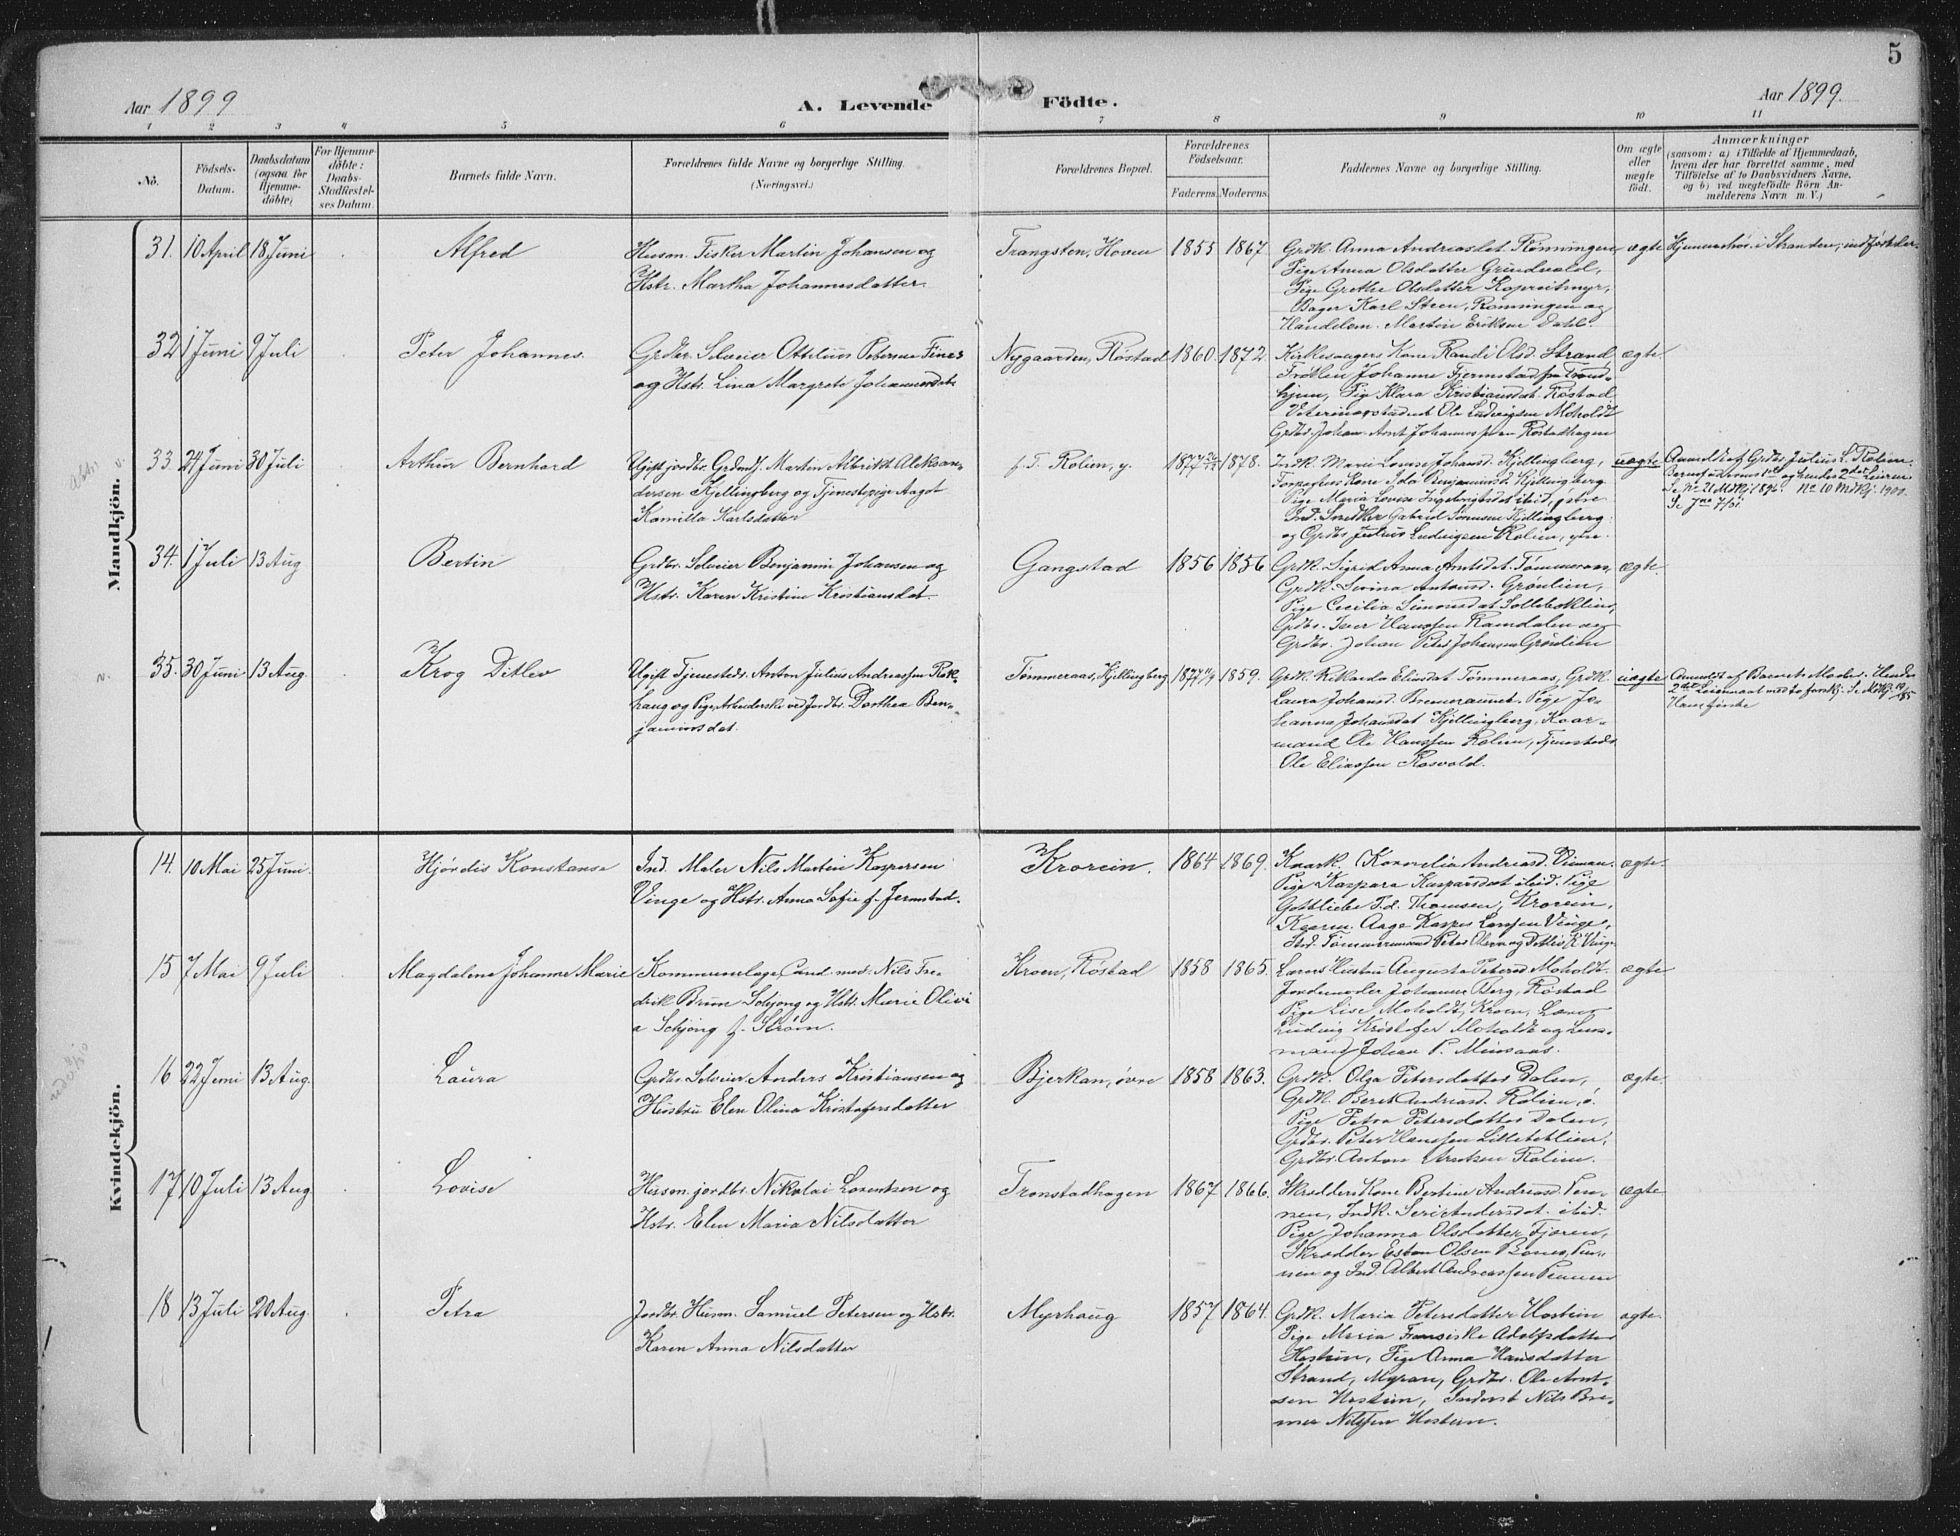 SAT, Ministerialprotokoller, klokkerbøker og fødselsregistre - Nord-Trøndelag, 701/L0011: Ministerialbok nr. 701A11, 1899-1915, s. 5